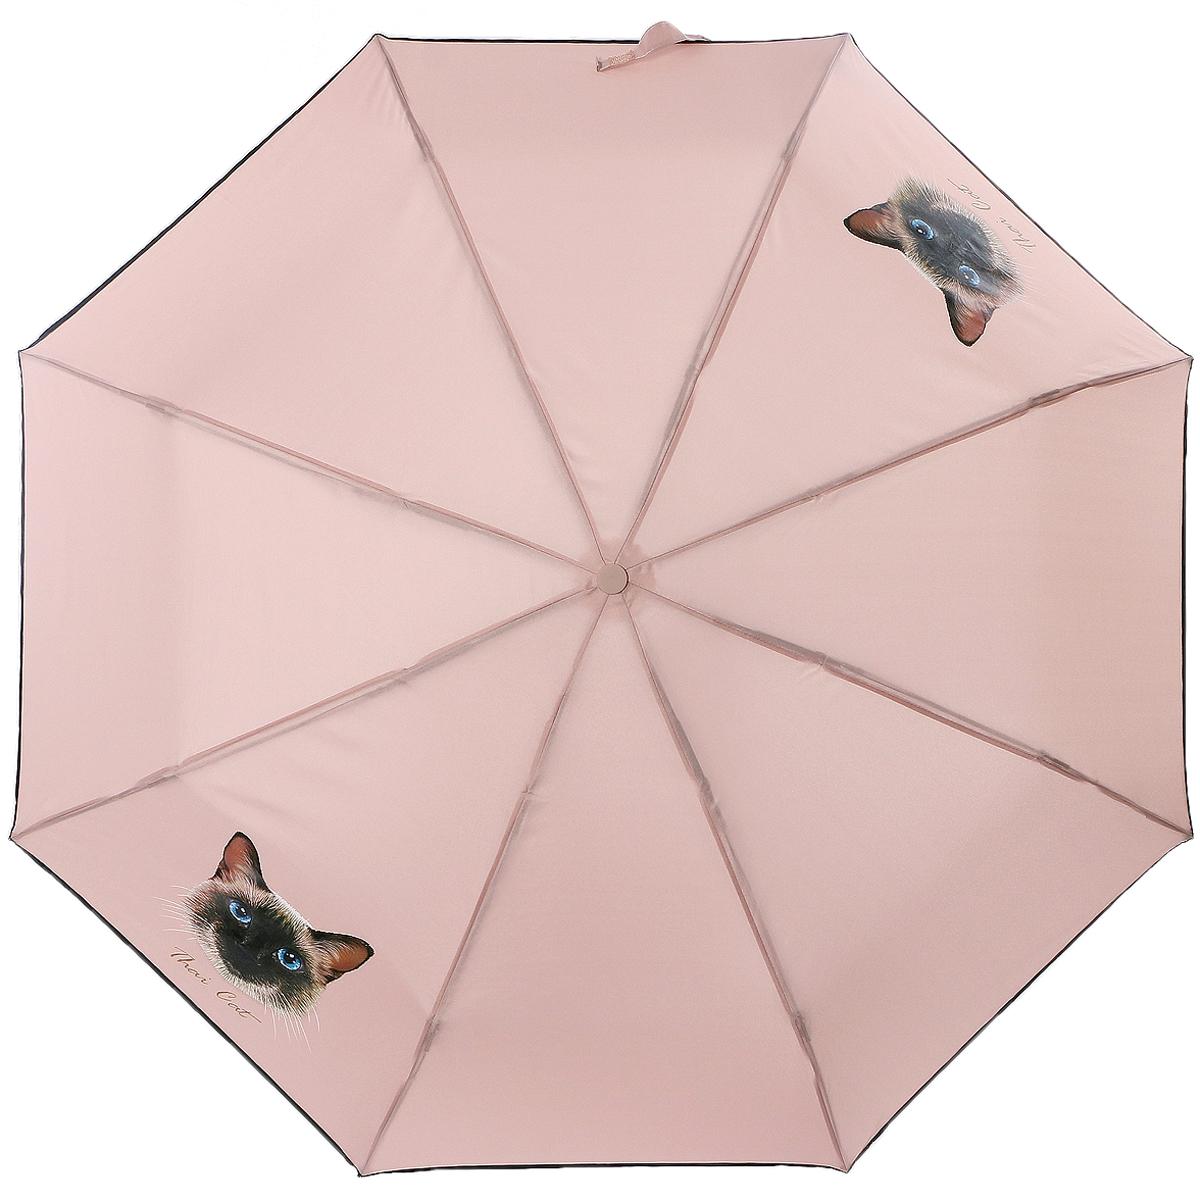 Зонт женский ArtRain, механический, 3 сложения, цвет: розовый. 3511-1705 зонт artrain механический 3 сложения цвет синий 3517 1732